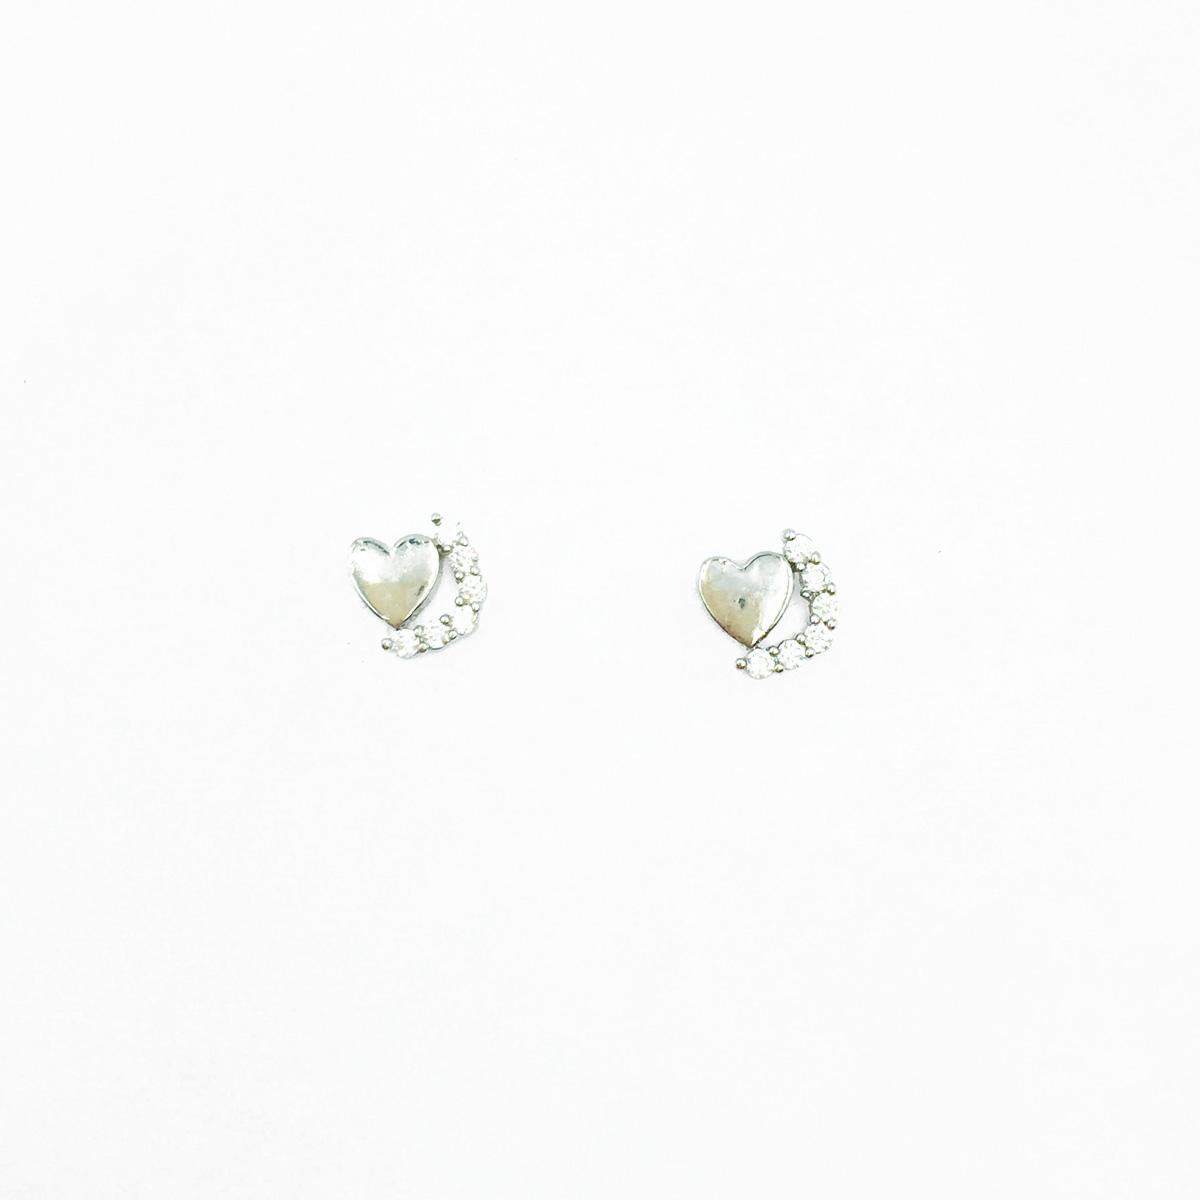 韓國 不鏽鋼 愛心 水鑽 可愛甜美款 精緻耳針式耳環